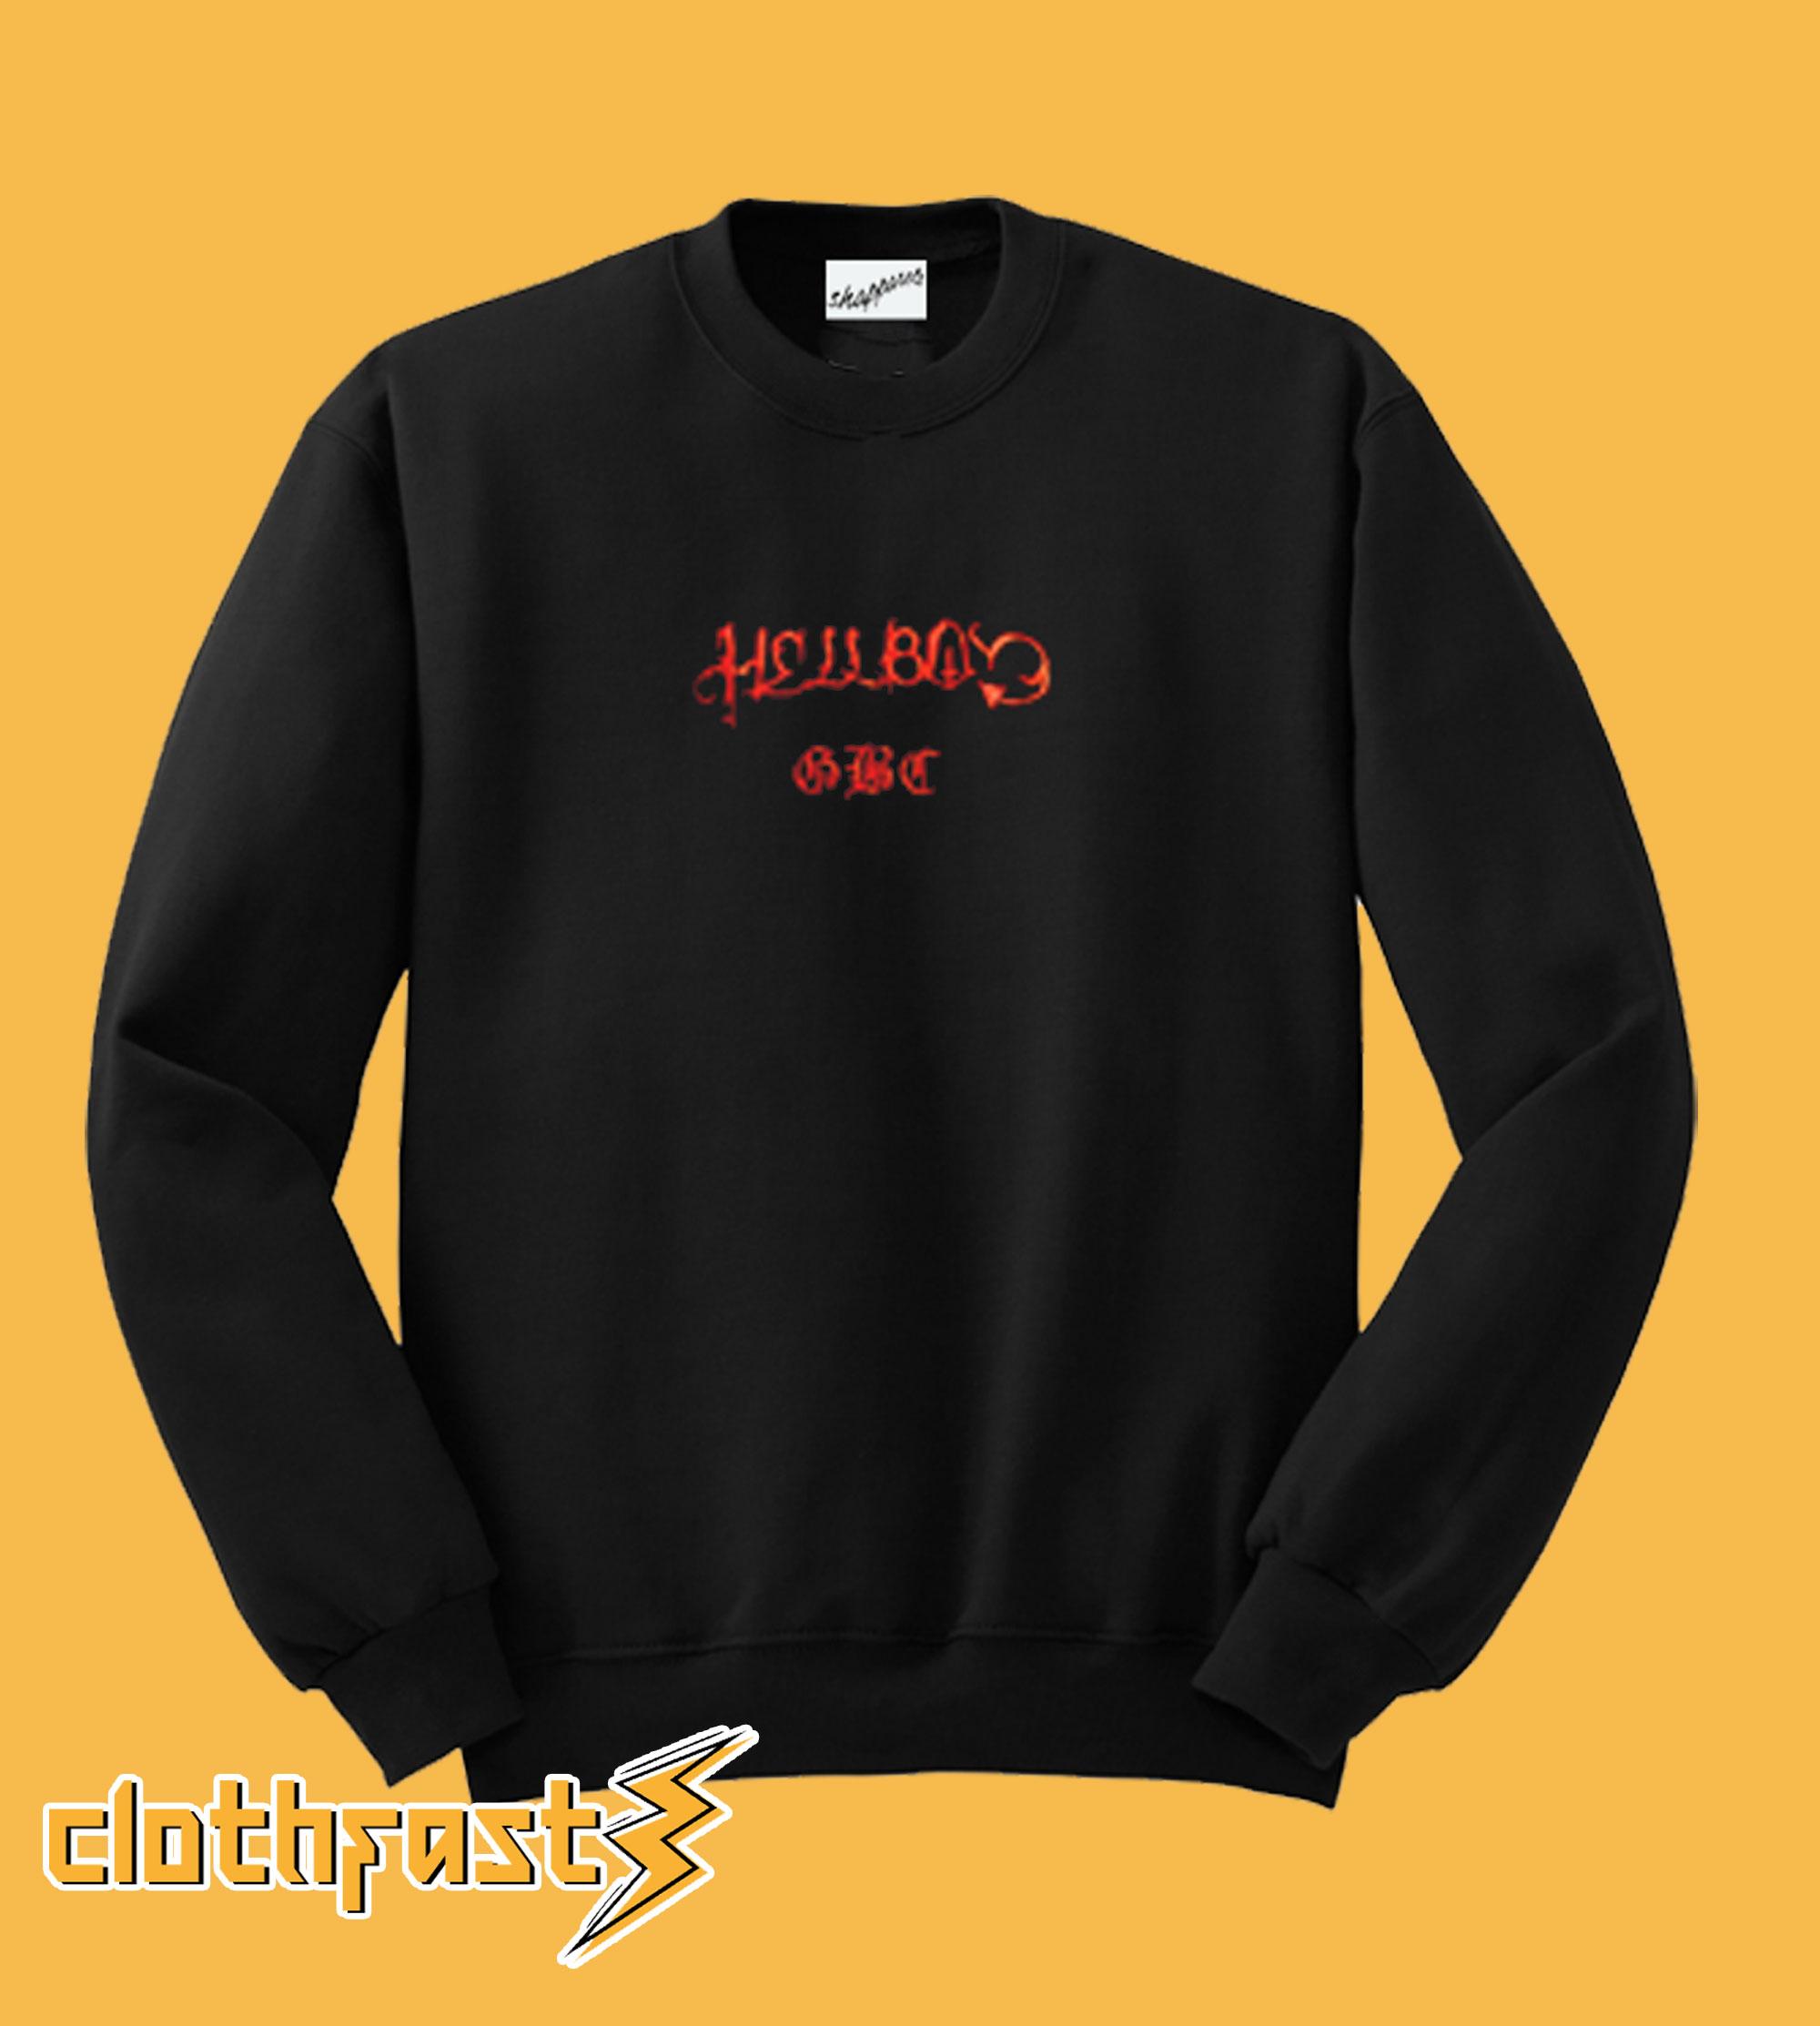 Hellboy GBC Sweatshirt